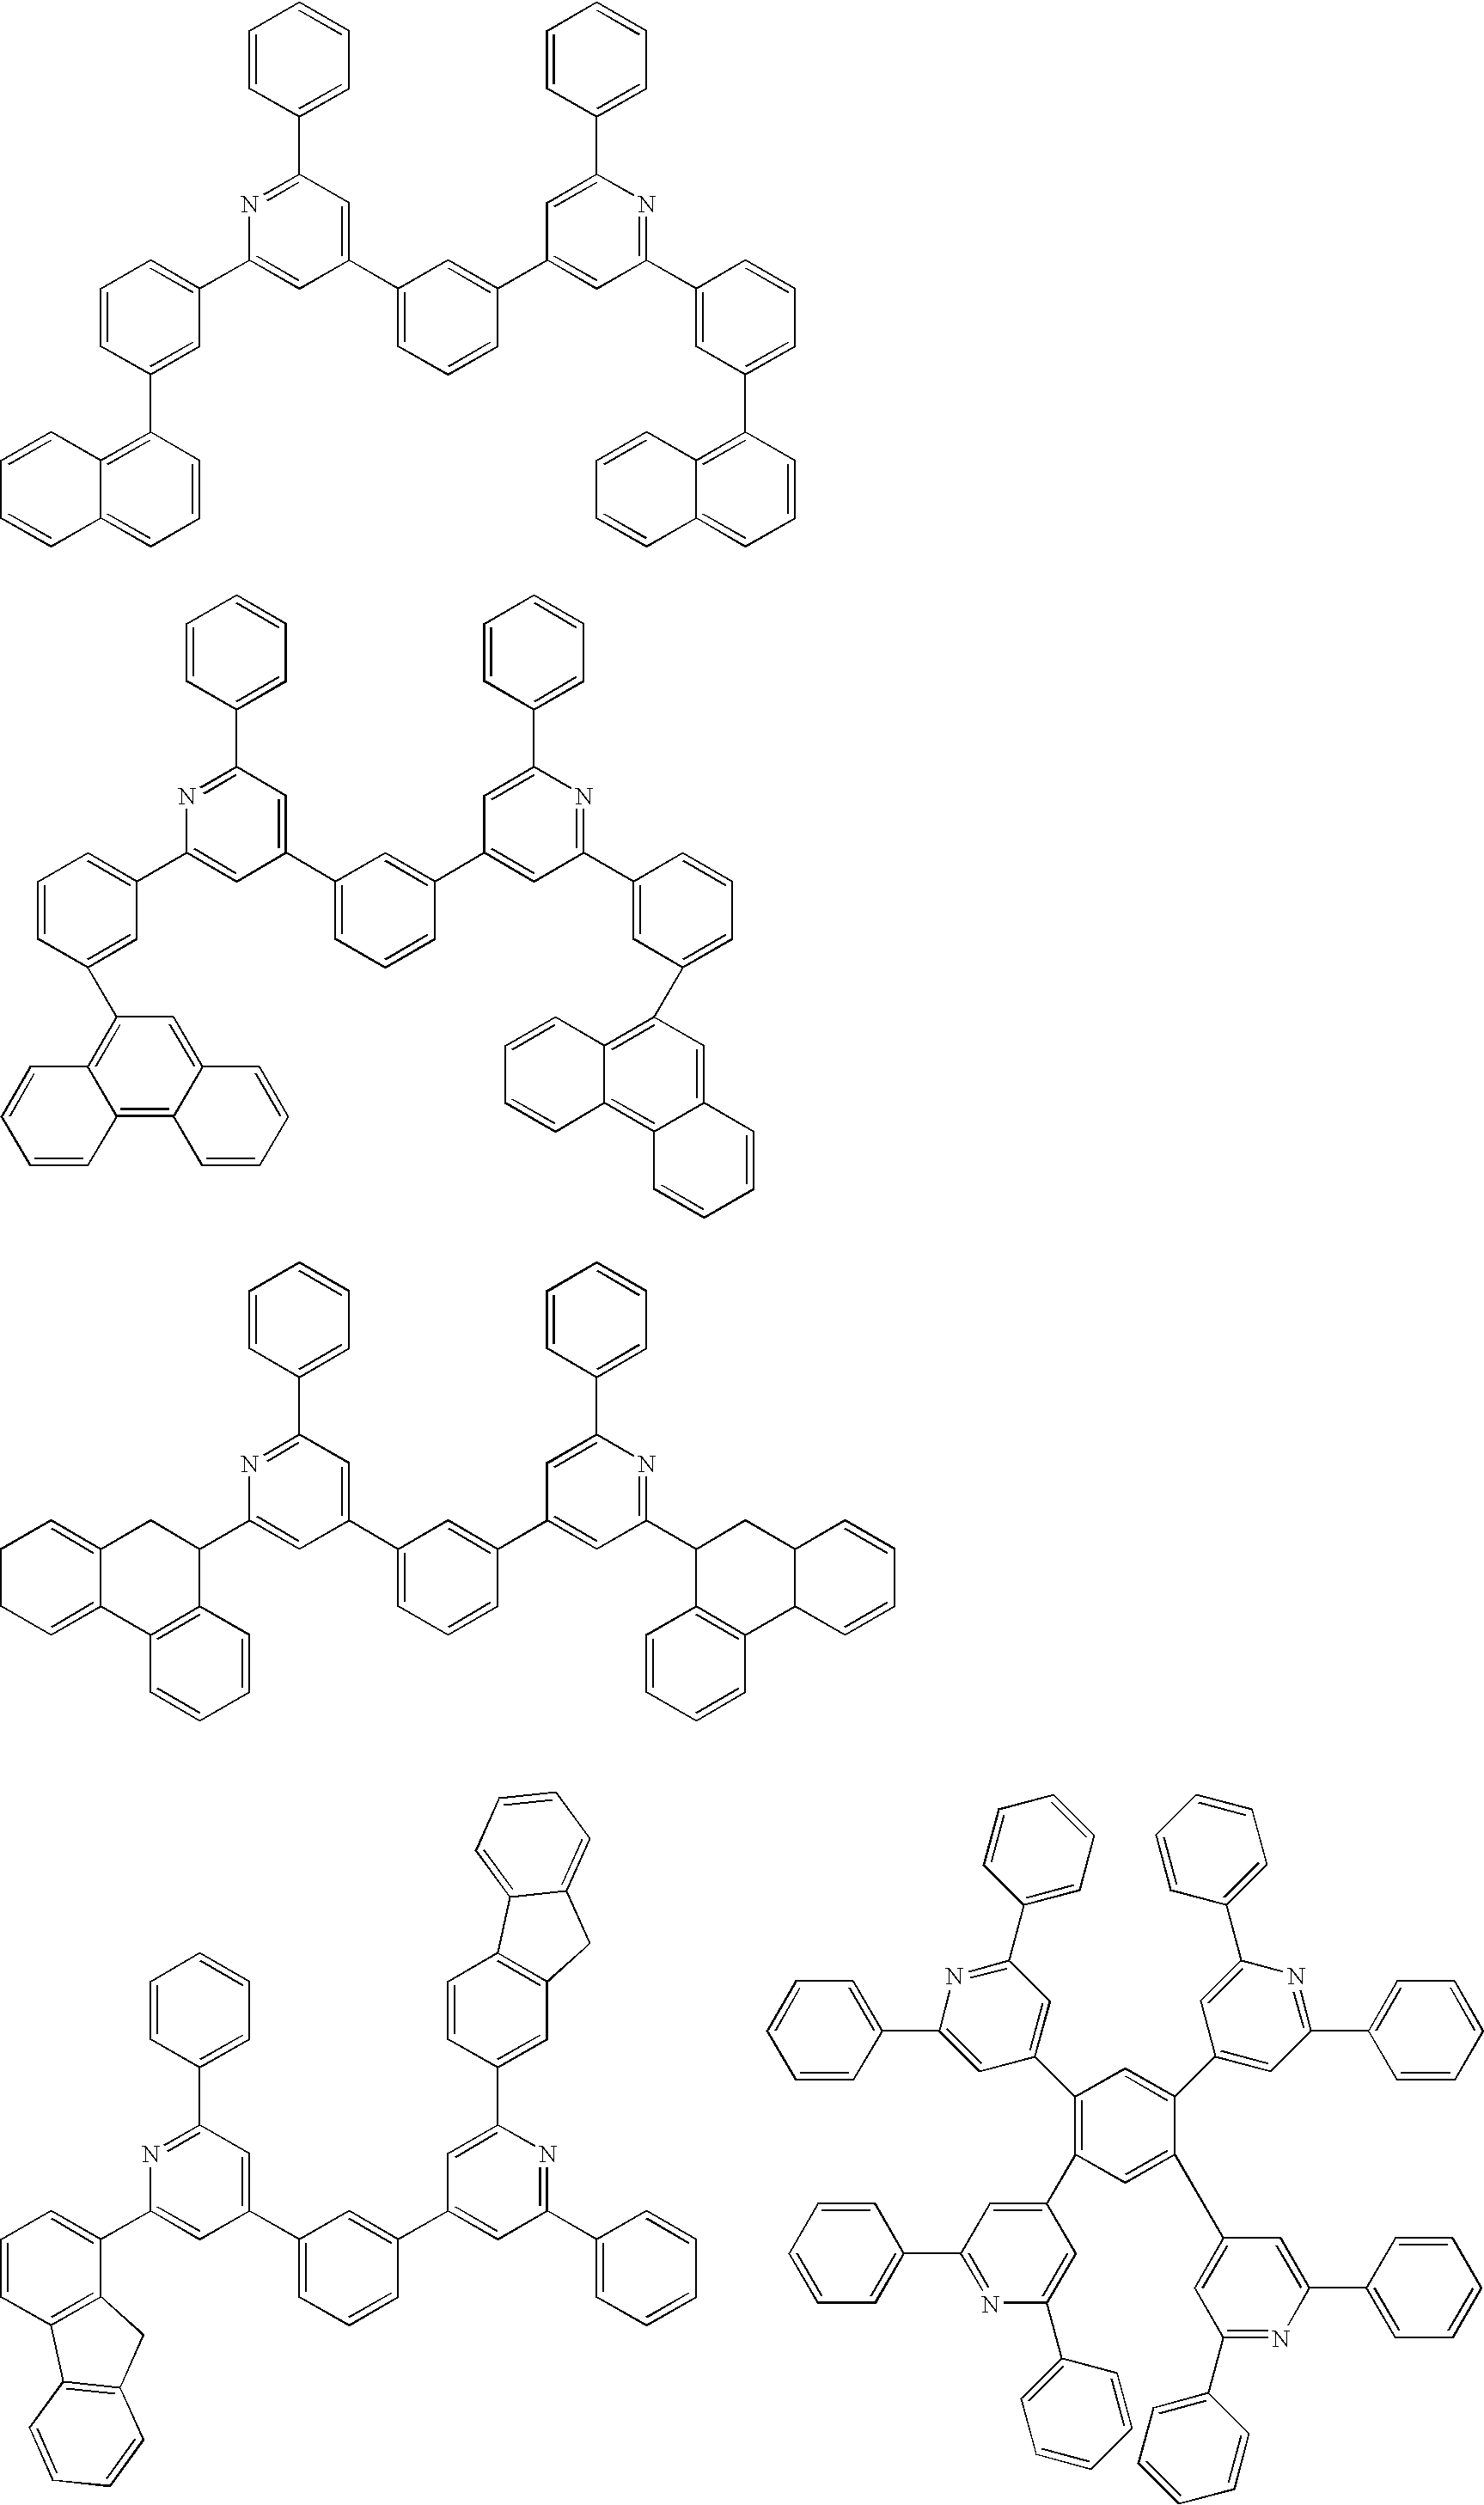 Figure US20060186796A1-20060824-C00108